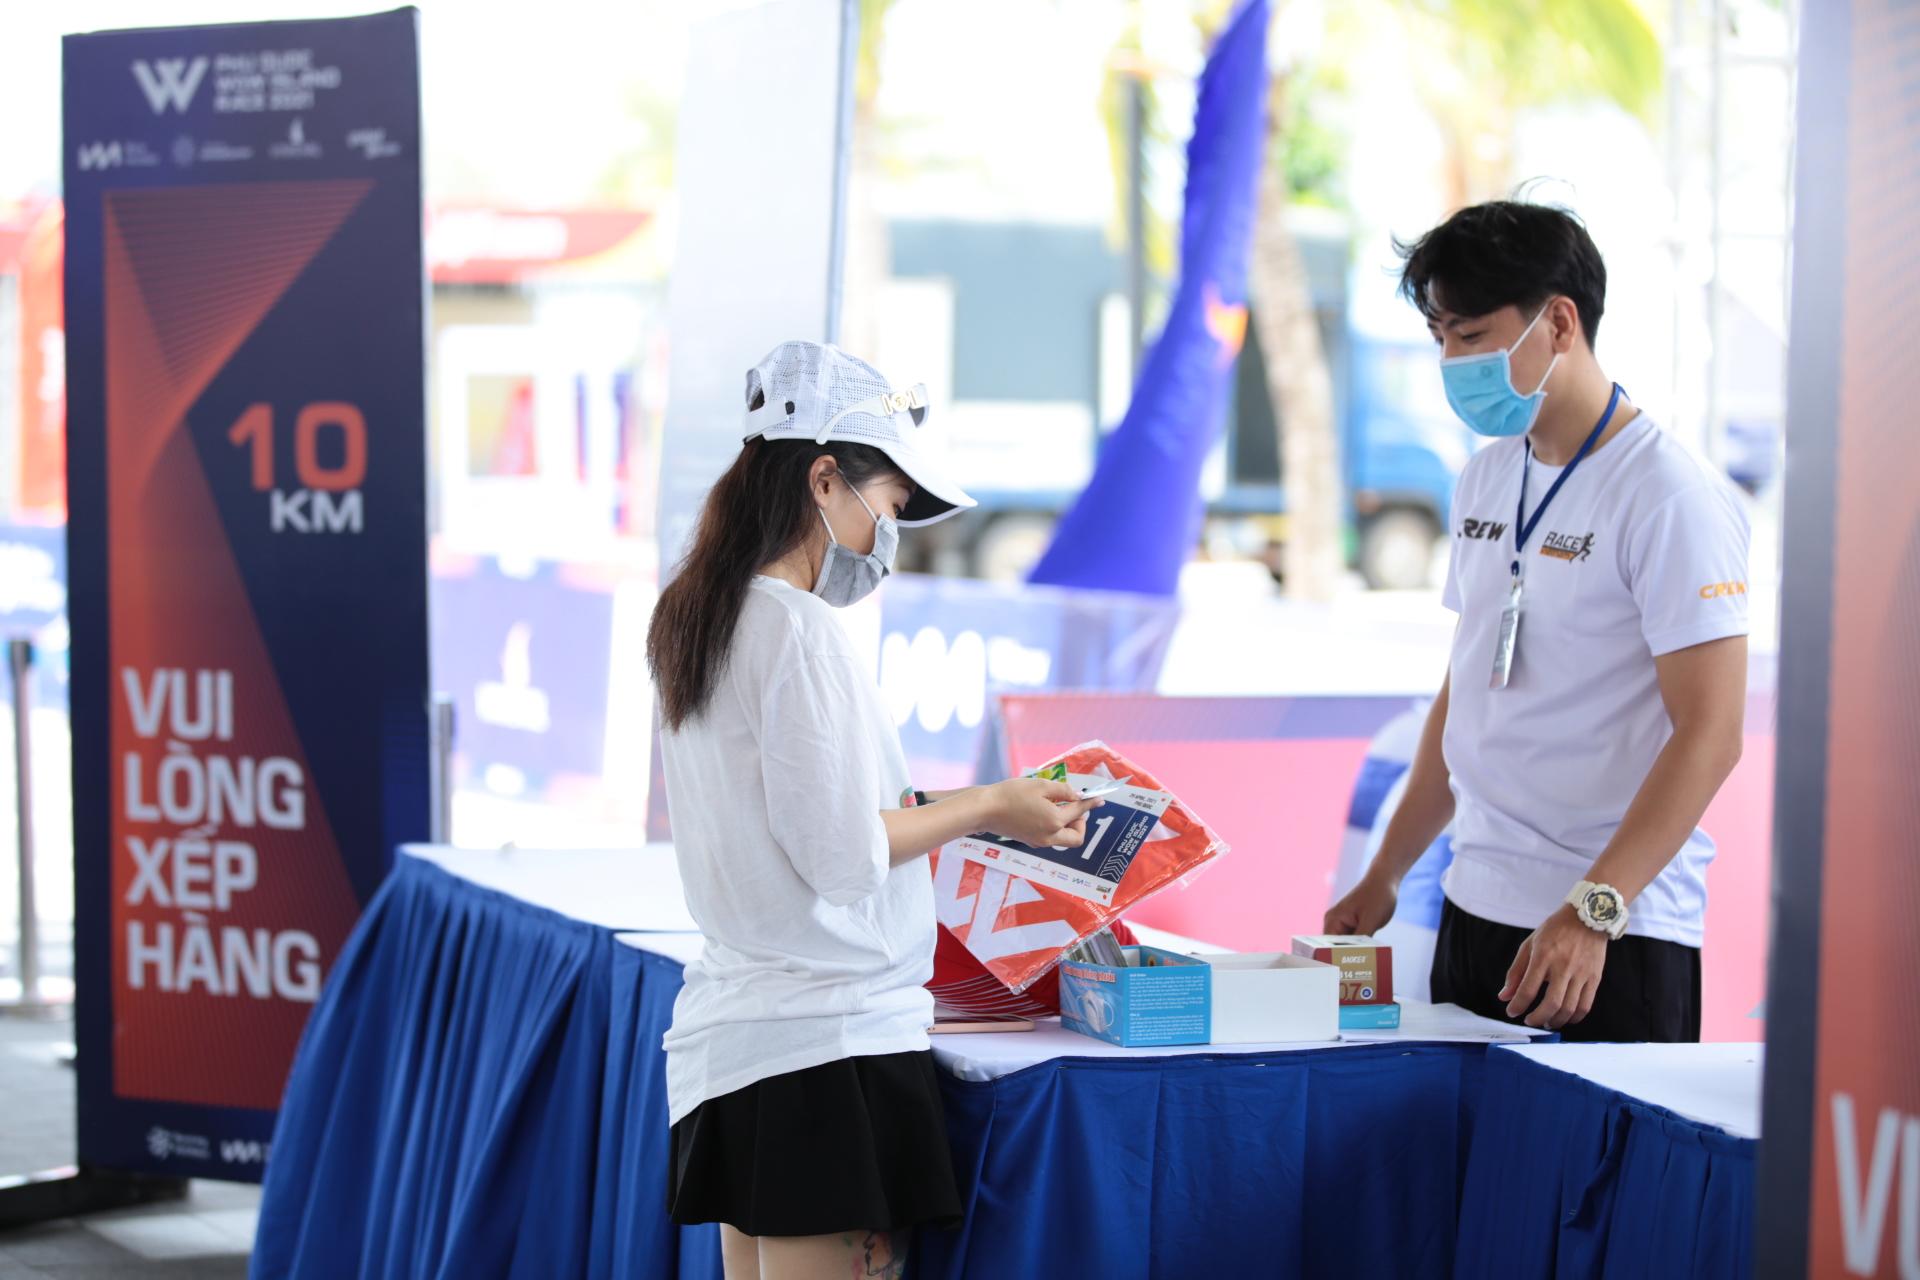 Giải chạy Phú Quốc WOW Island Race 2021 khởi động với hơn 2000 vận động viên tham dự - Ảnh 1.